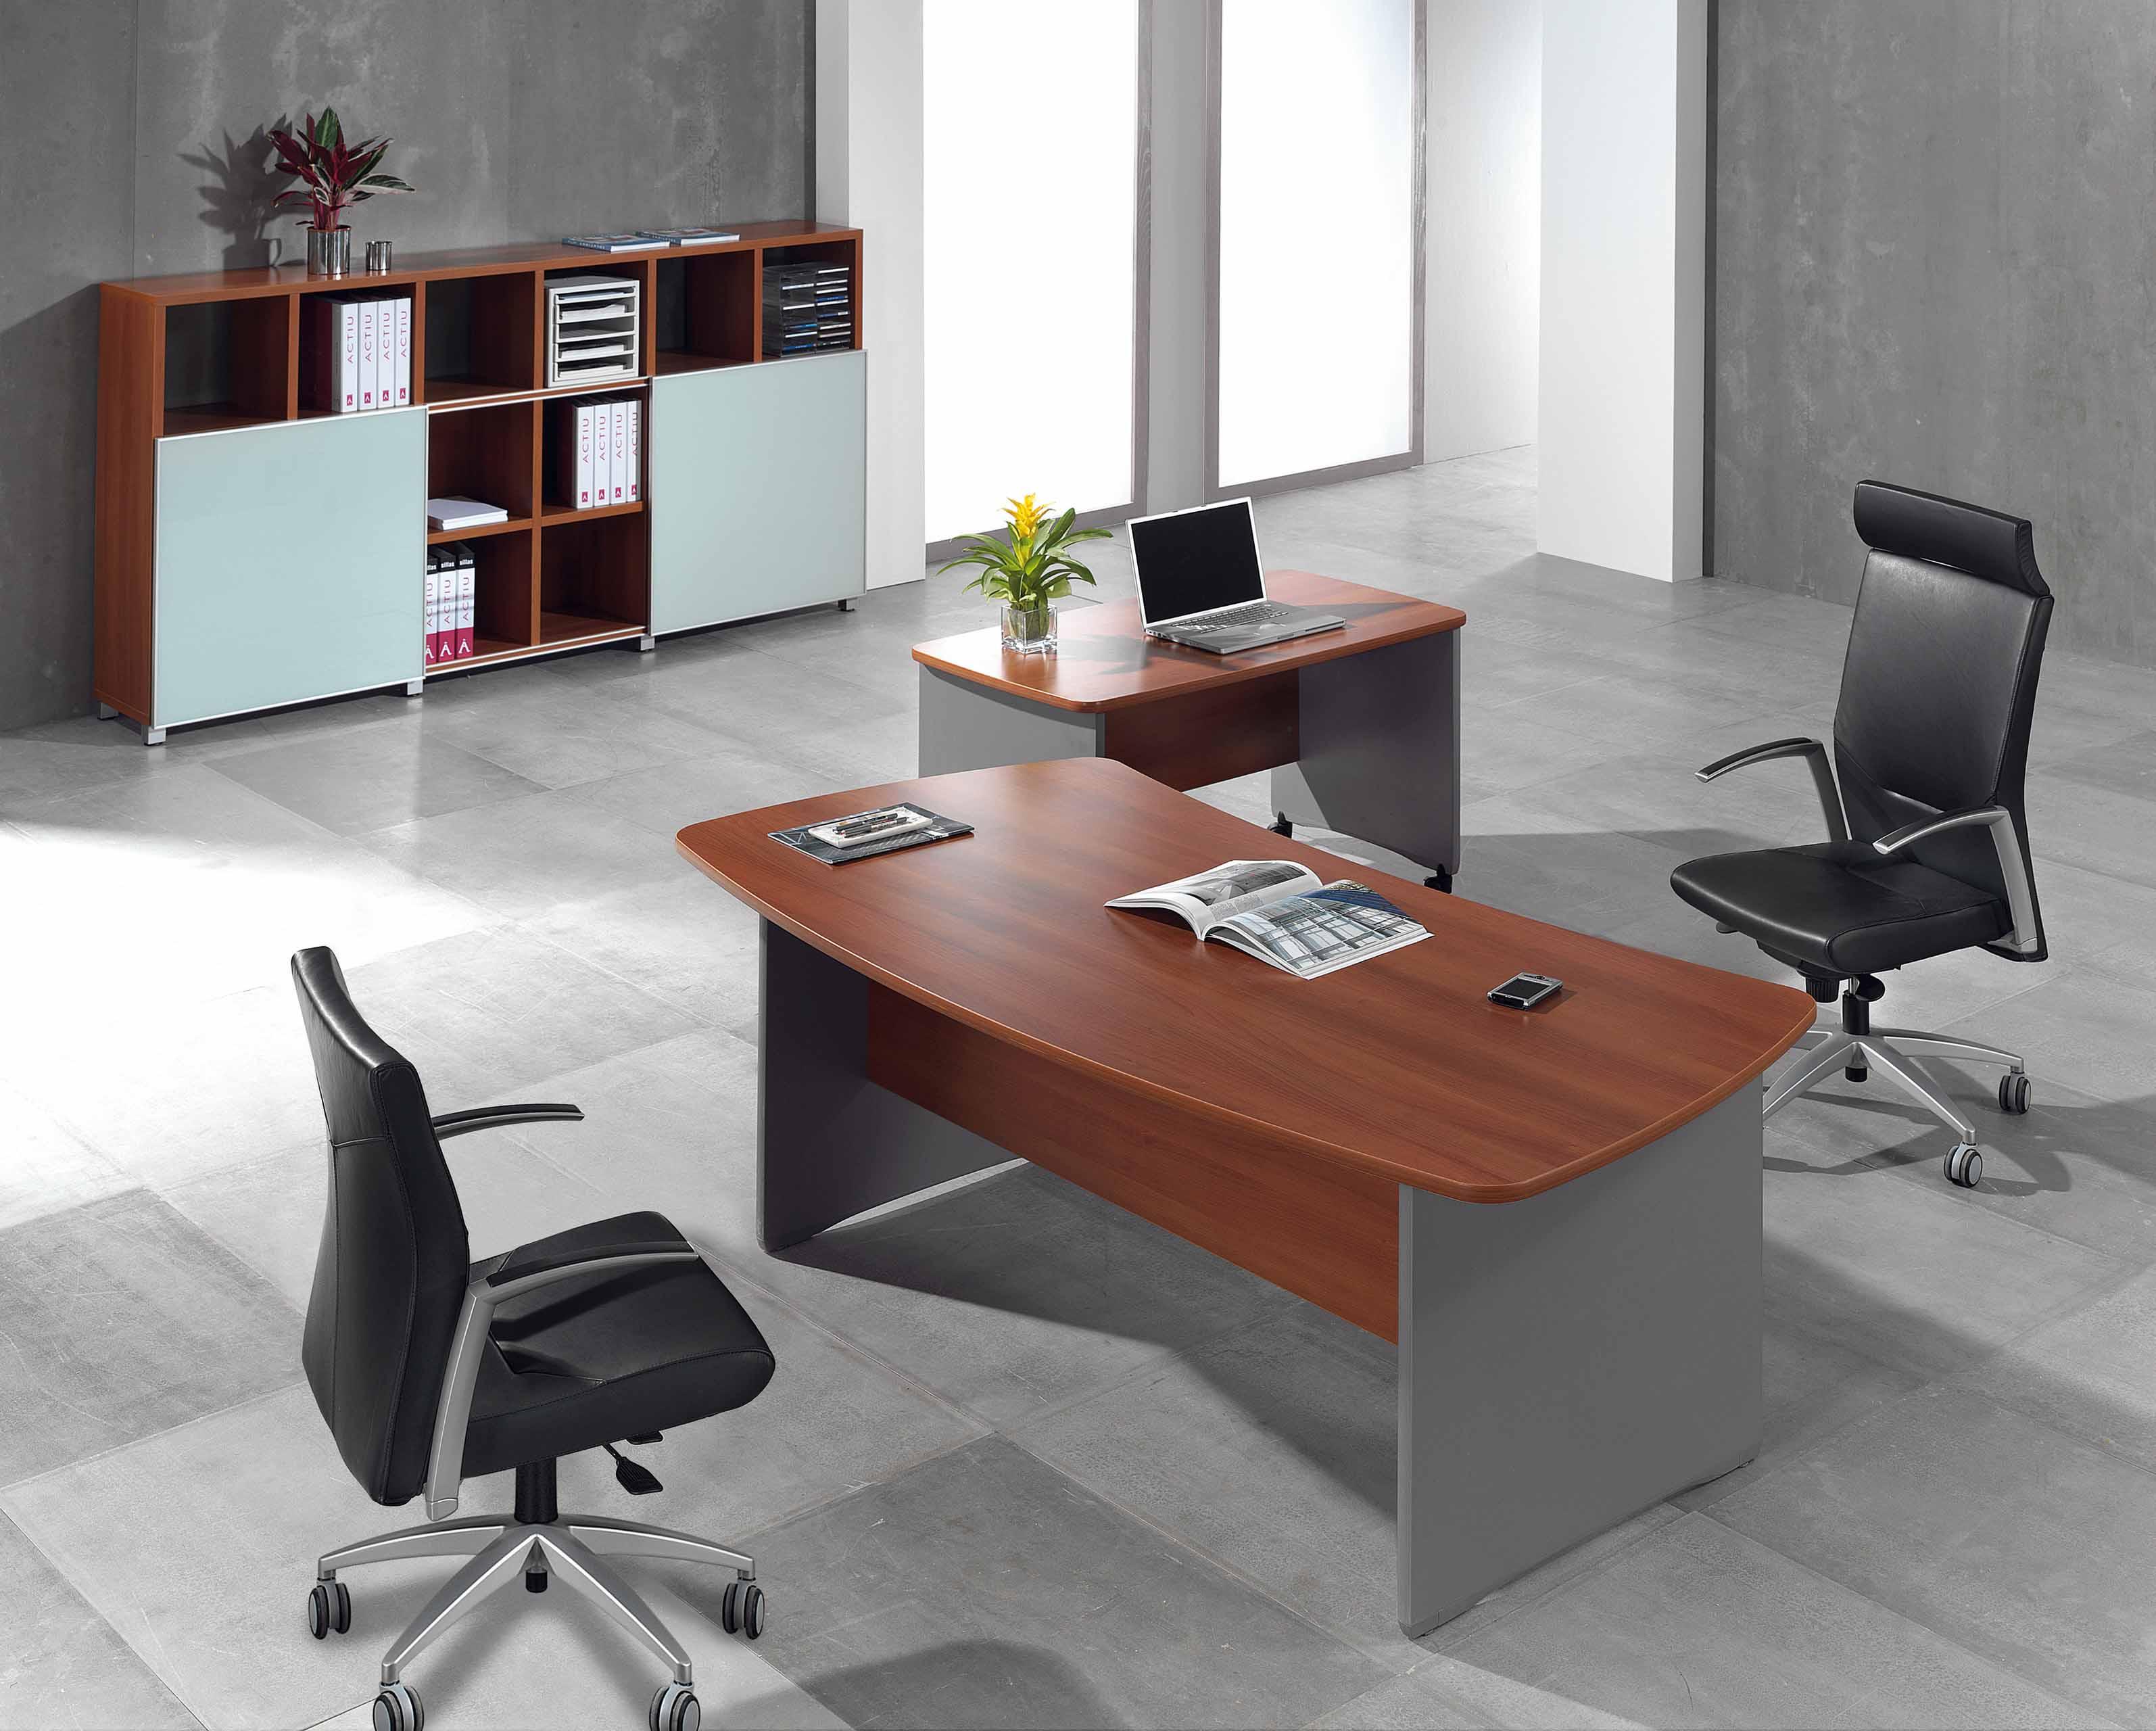 Mesas escritorio Actiu Ofimat | Muebles de oficina Spacio